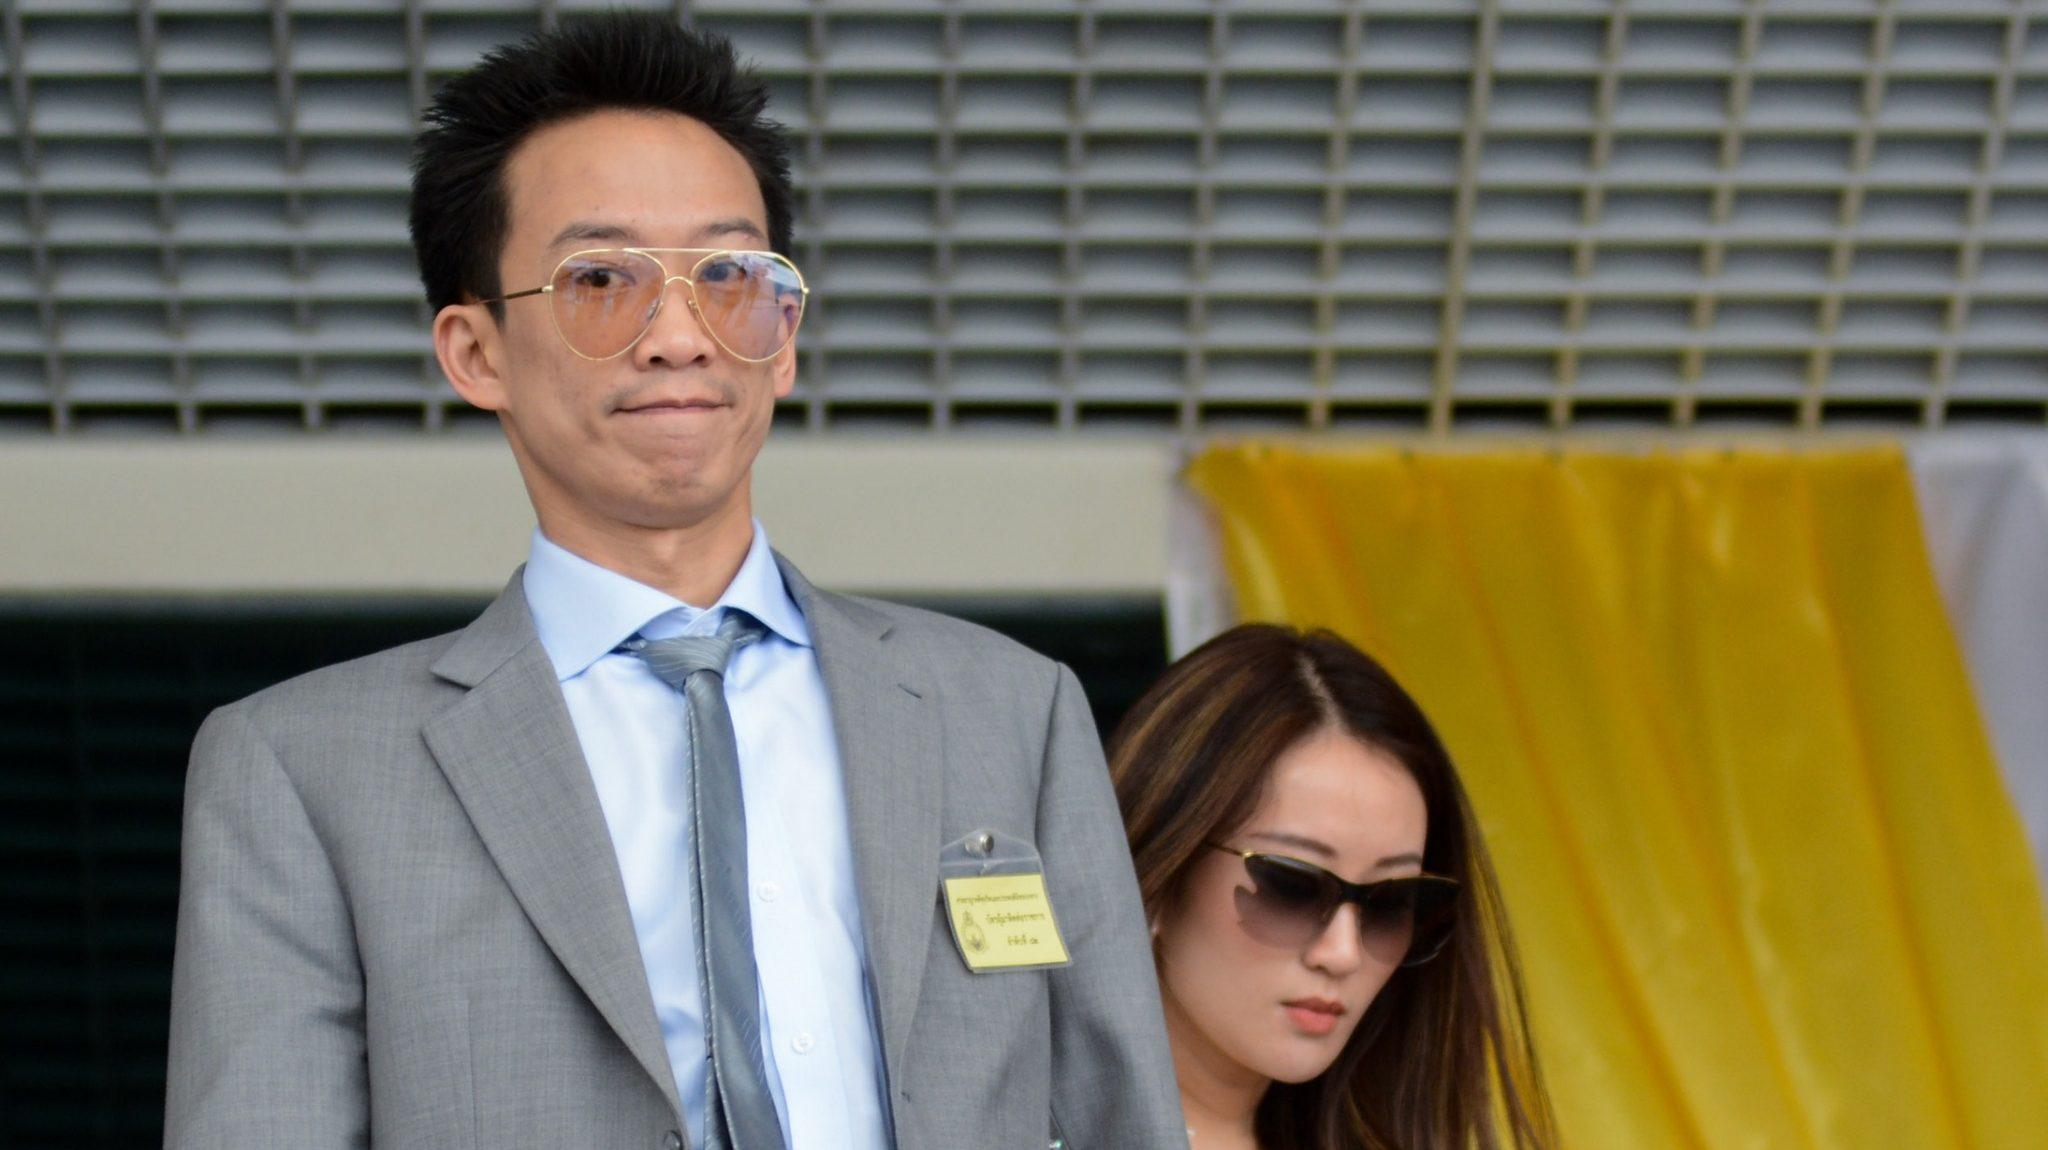 พลังประชารัฐ ย้ายขั้ว เพื่อไทย โอ๊ค พานทองแท้